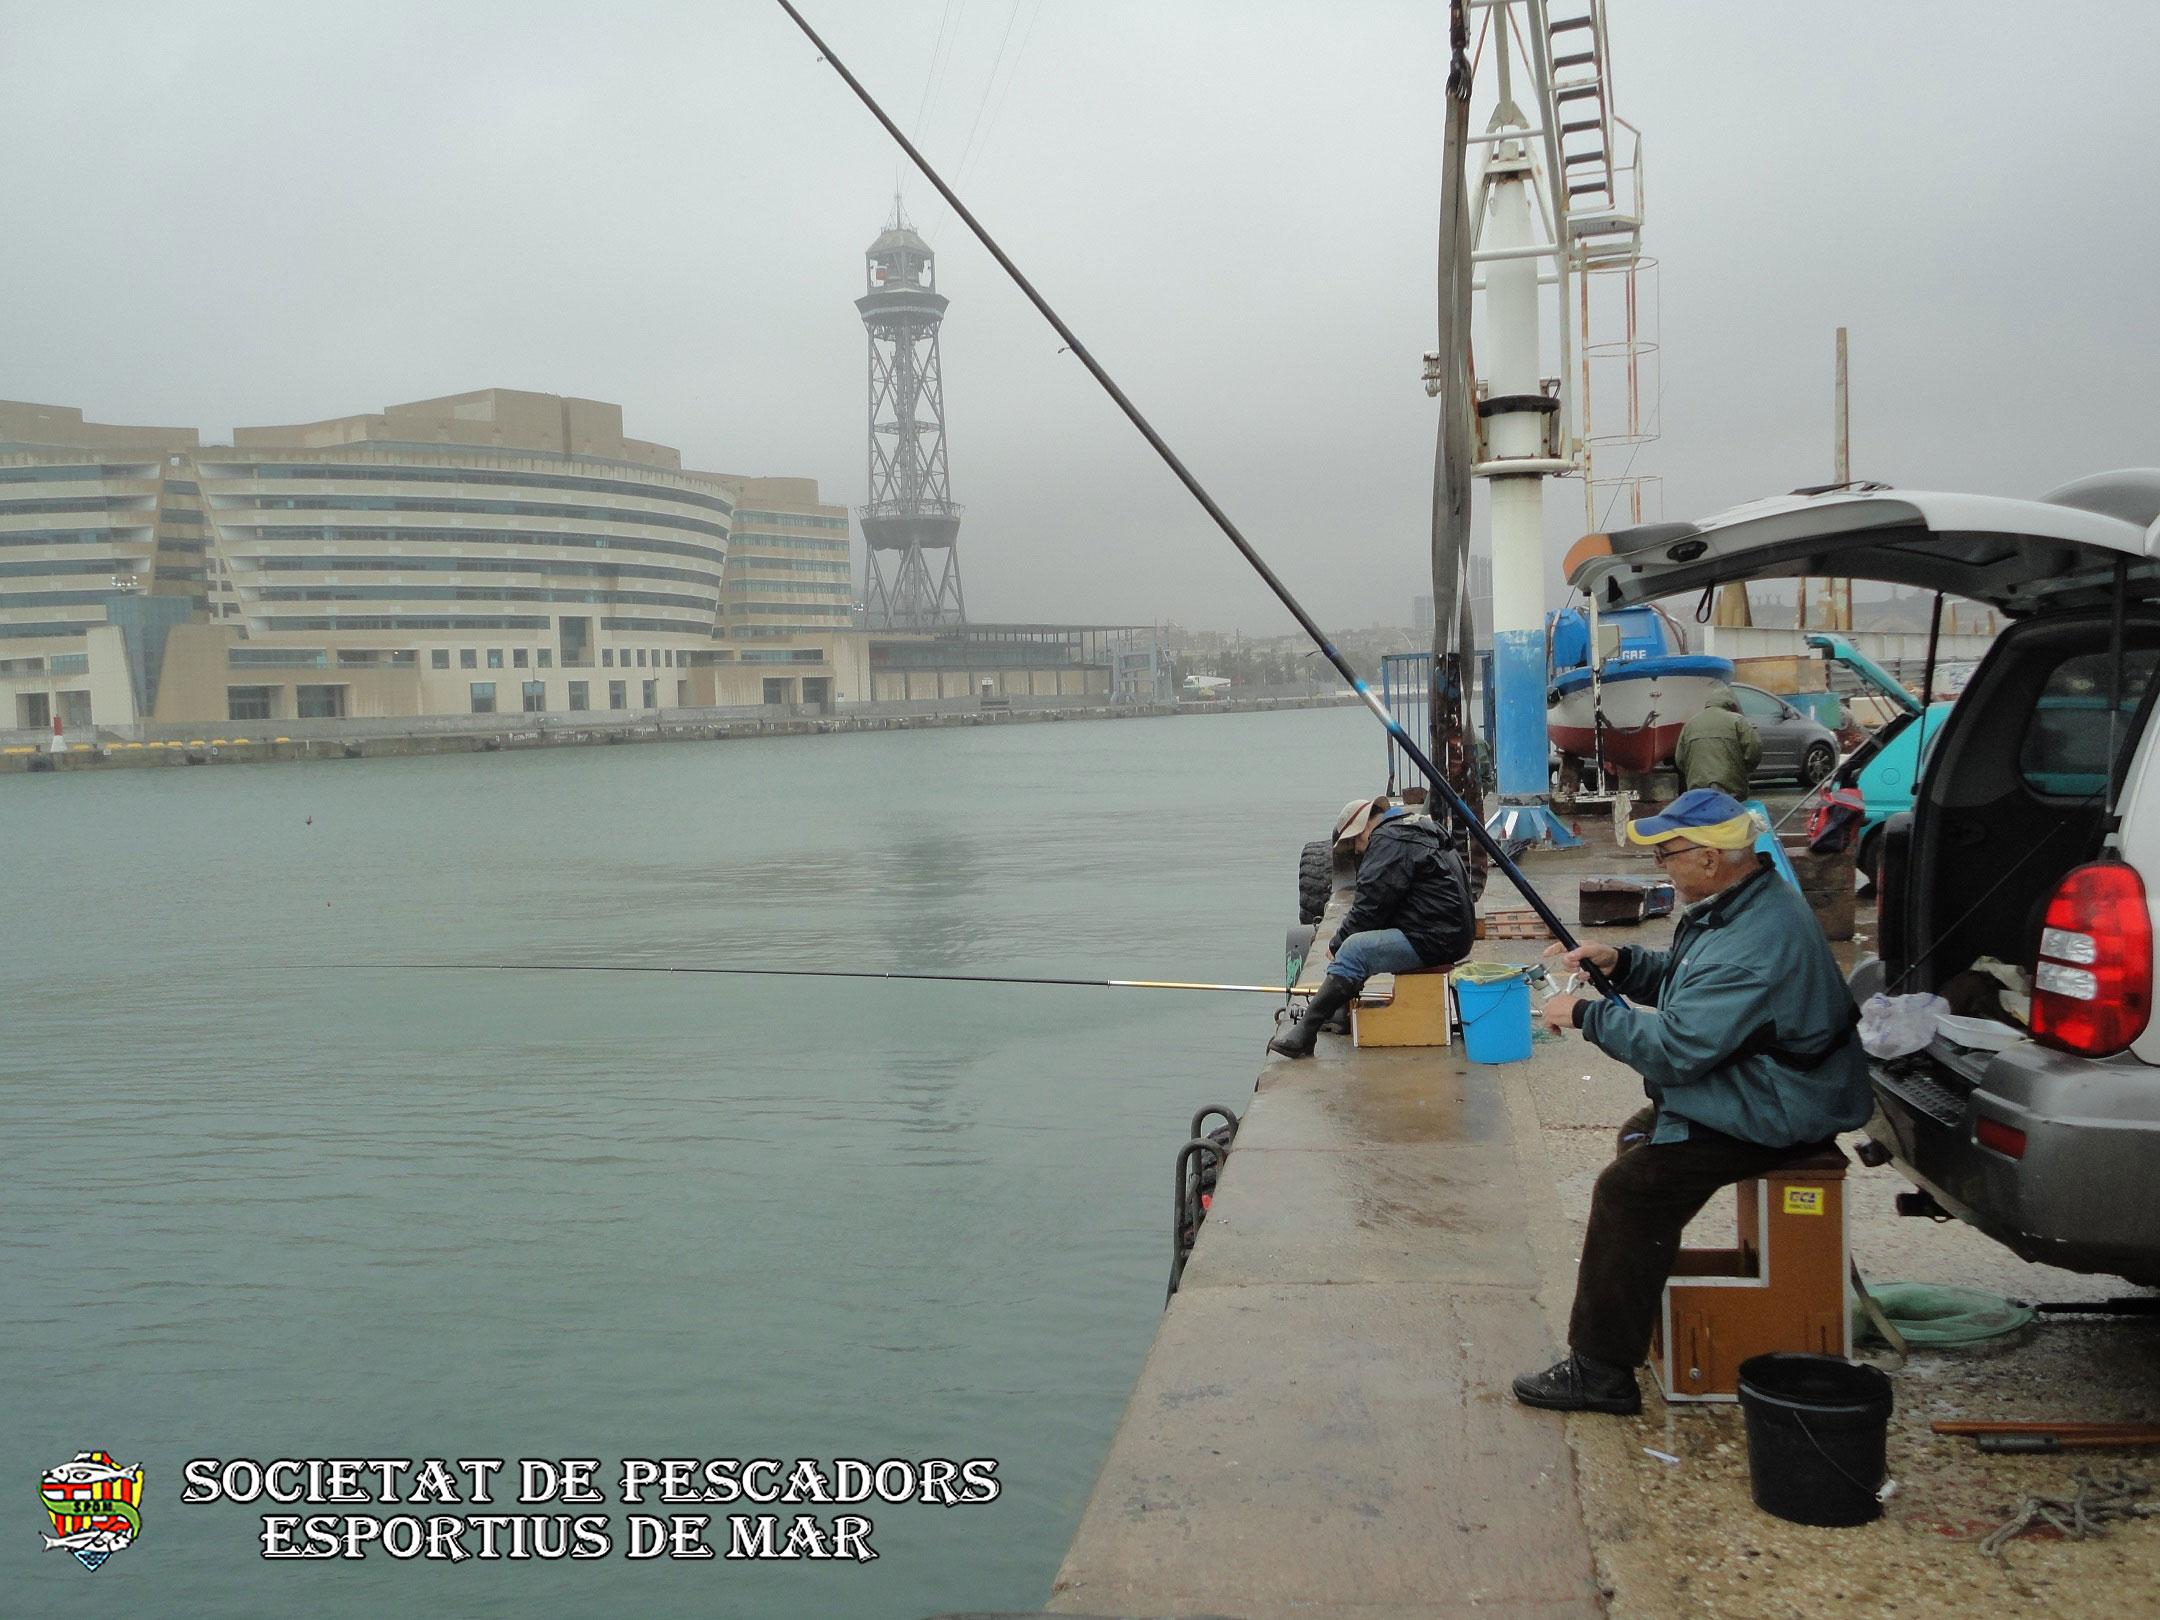 societat-de-pescadors-esportius-de-mar-barcelona-1116(www